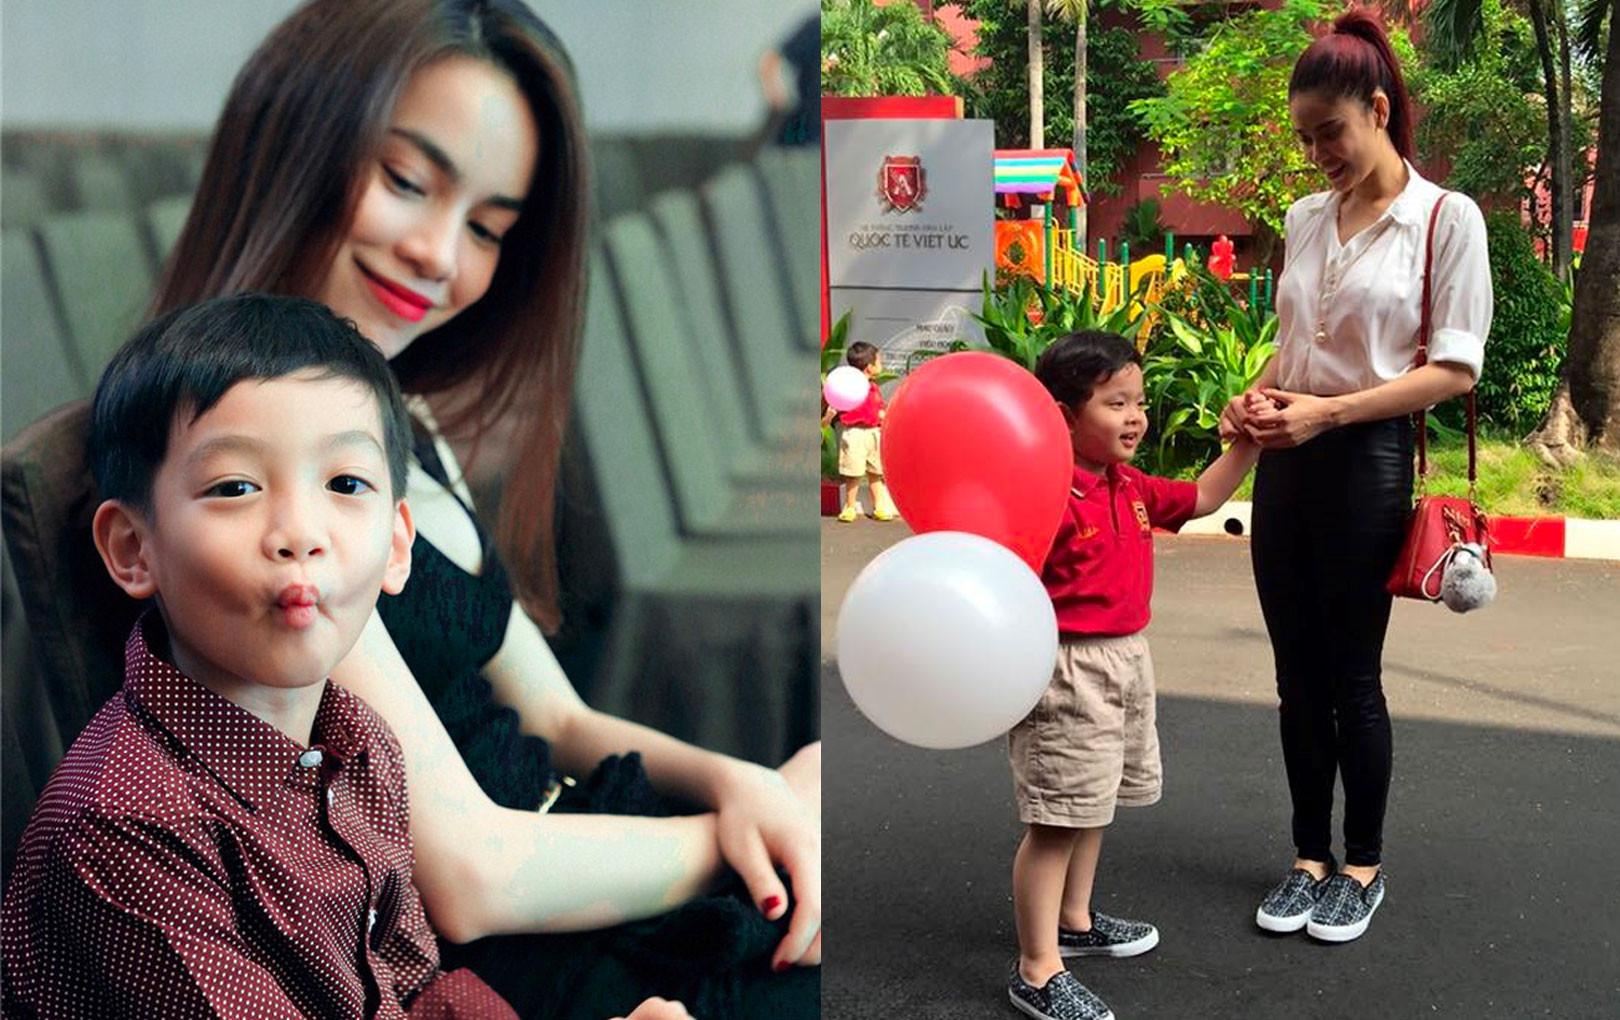 Cuộc sống sung sướng của các nhóc tỳ sao Việt: Đứa học trường Quốc tế học phí hàng trăm triệu, đứa từ bé đã thạo 6 thứ tiếng